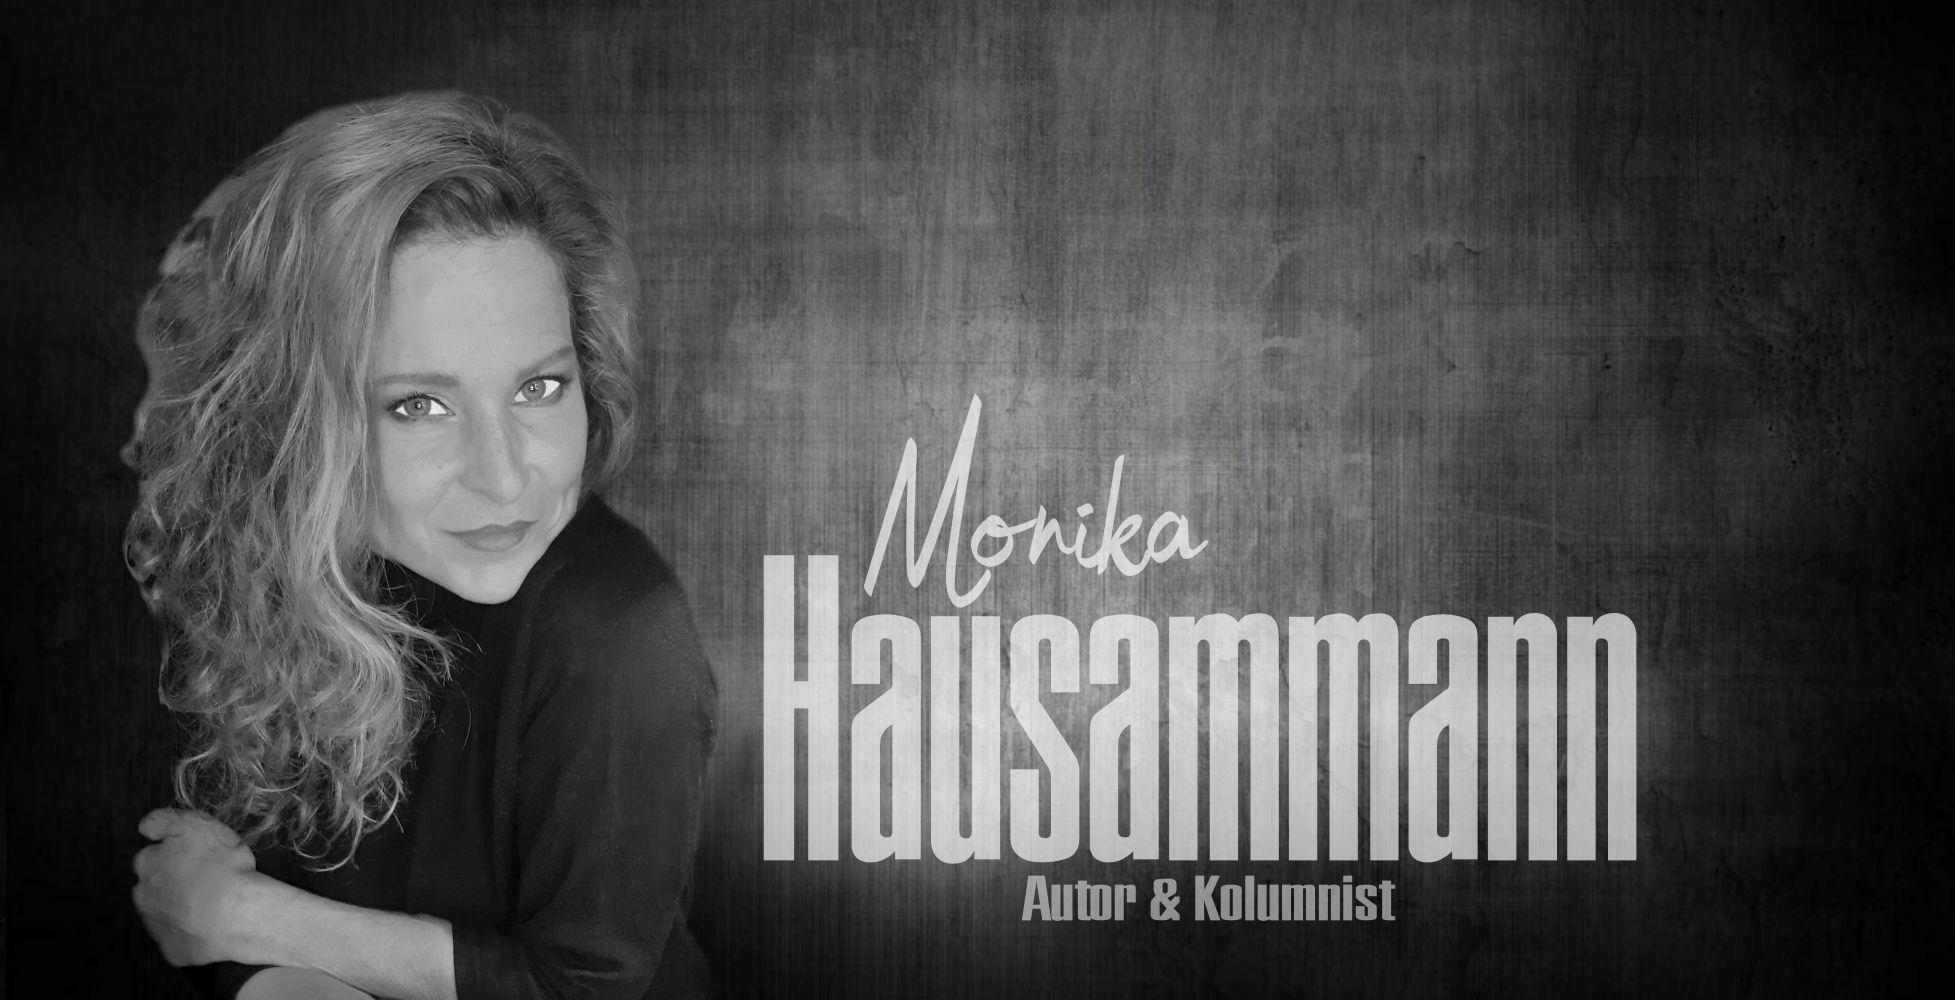 Monika Hausammann : Autor & Kolumnist | Thriller Schweiz